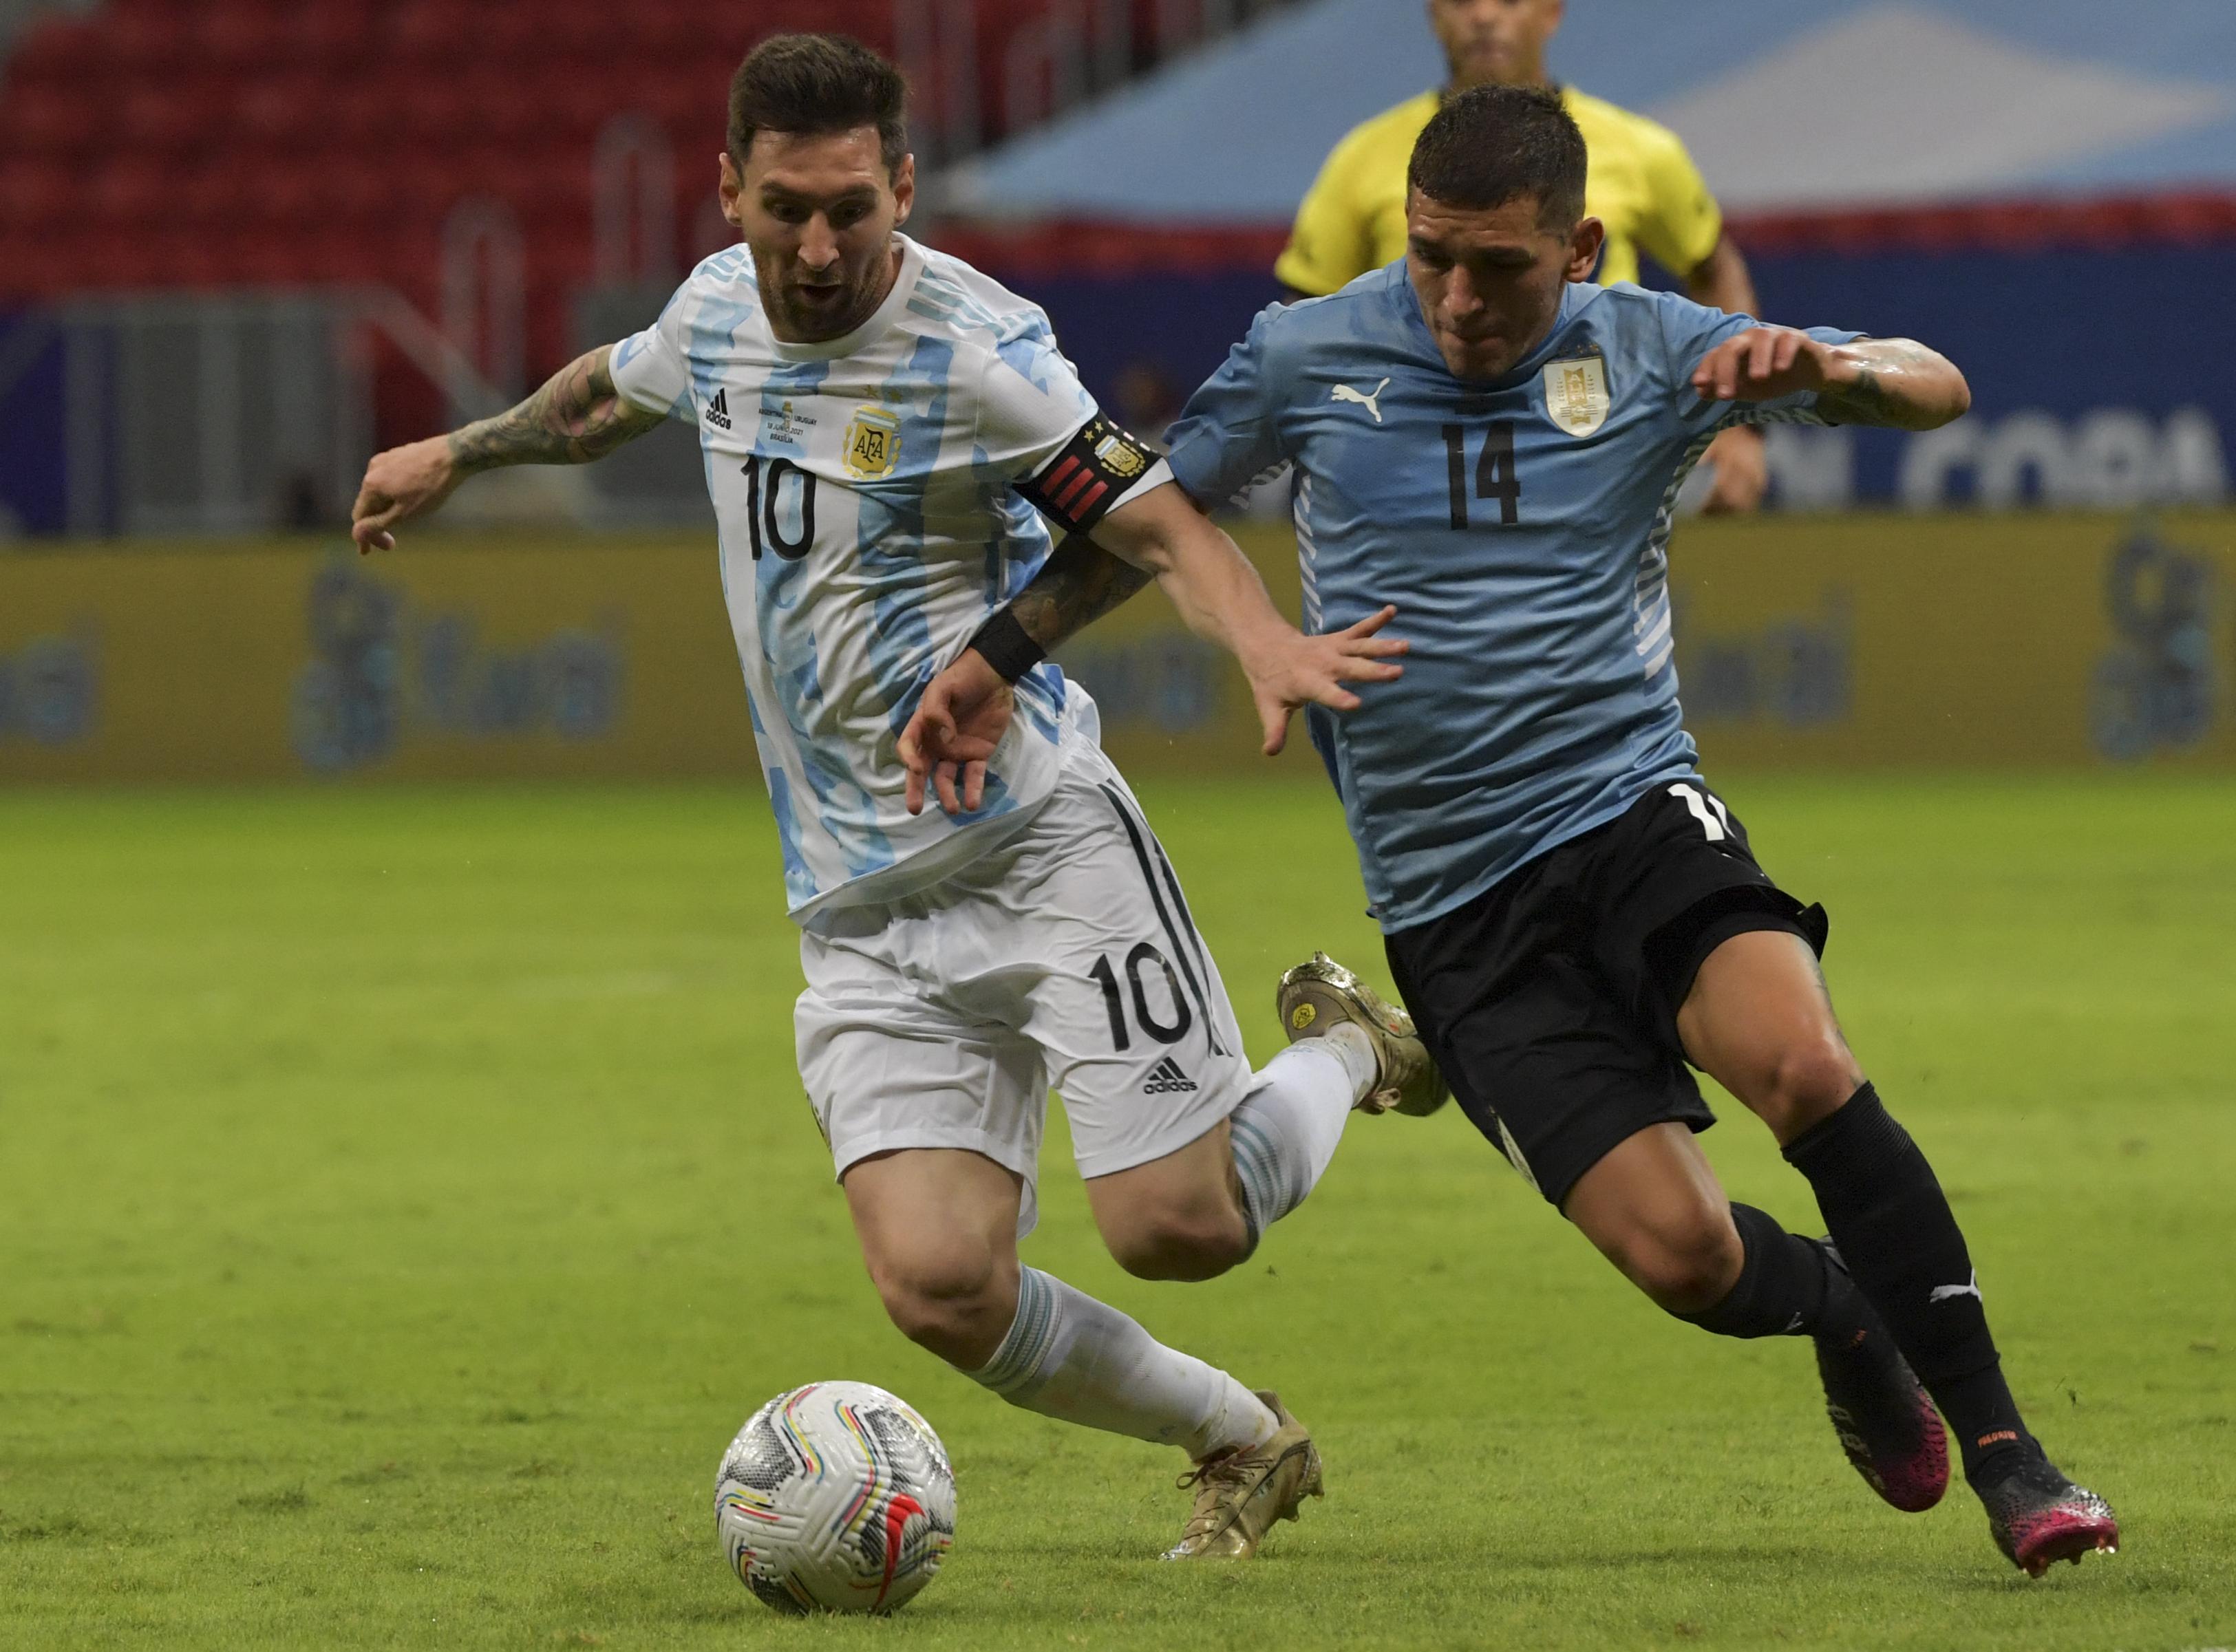 काेपा अमेरिका फुटबलमा अर्जेन्टिना विजयी